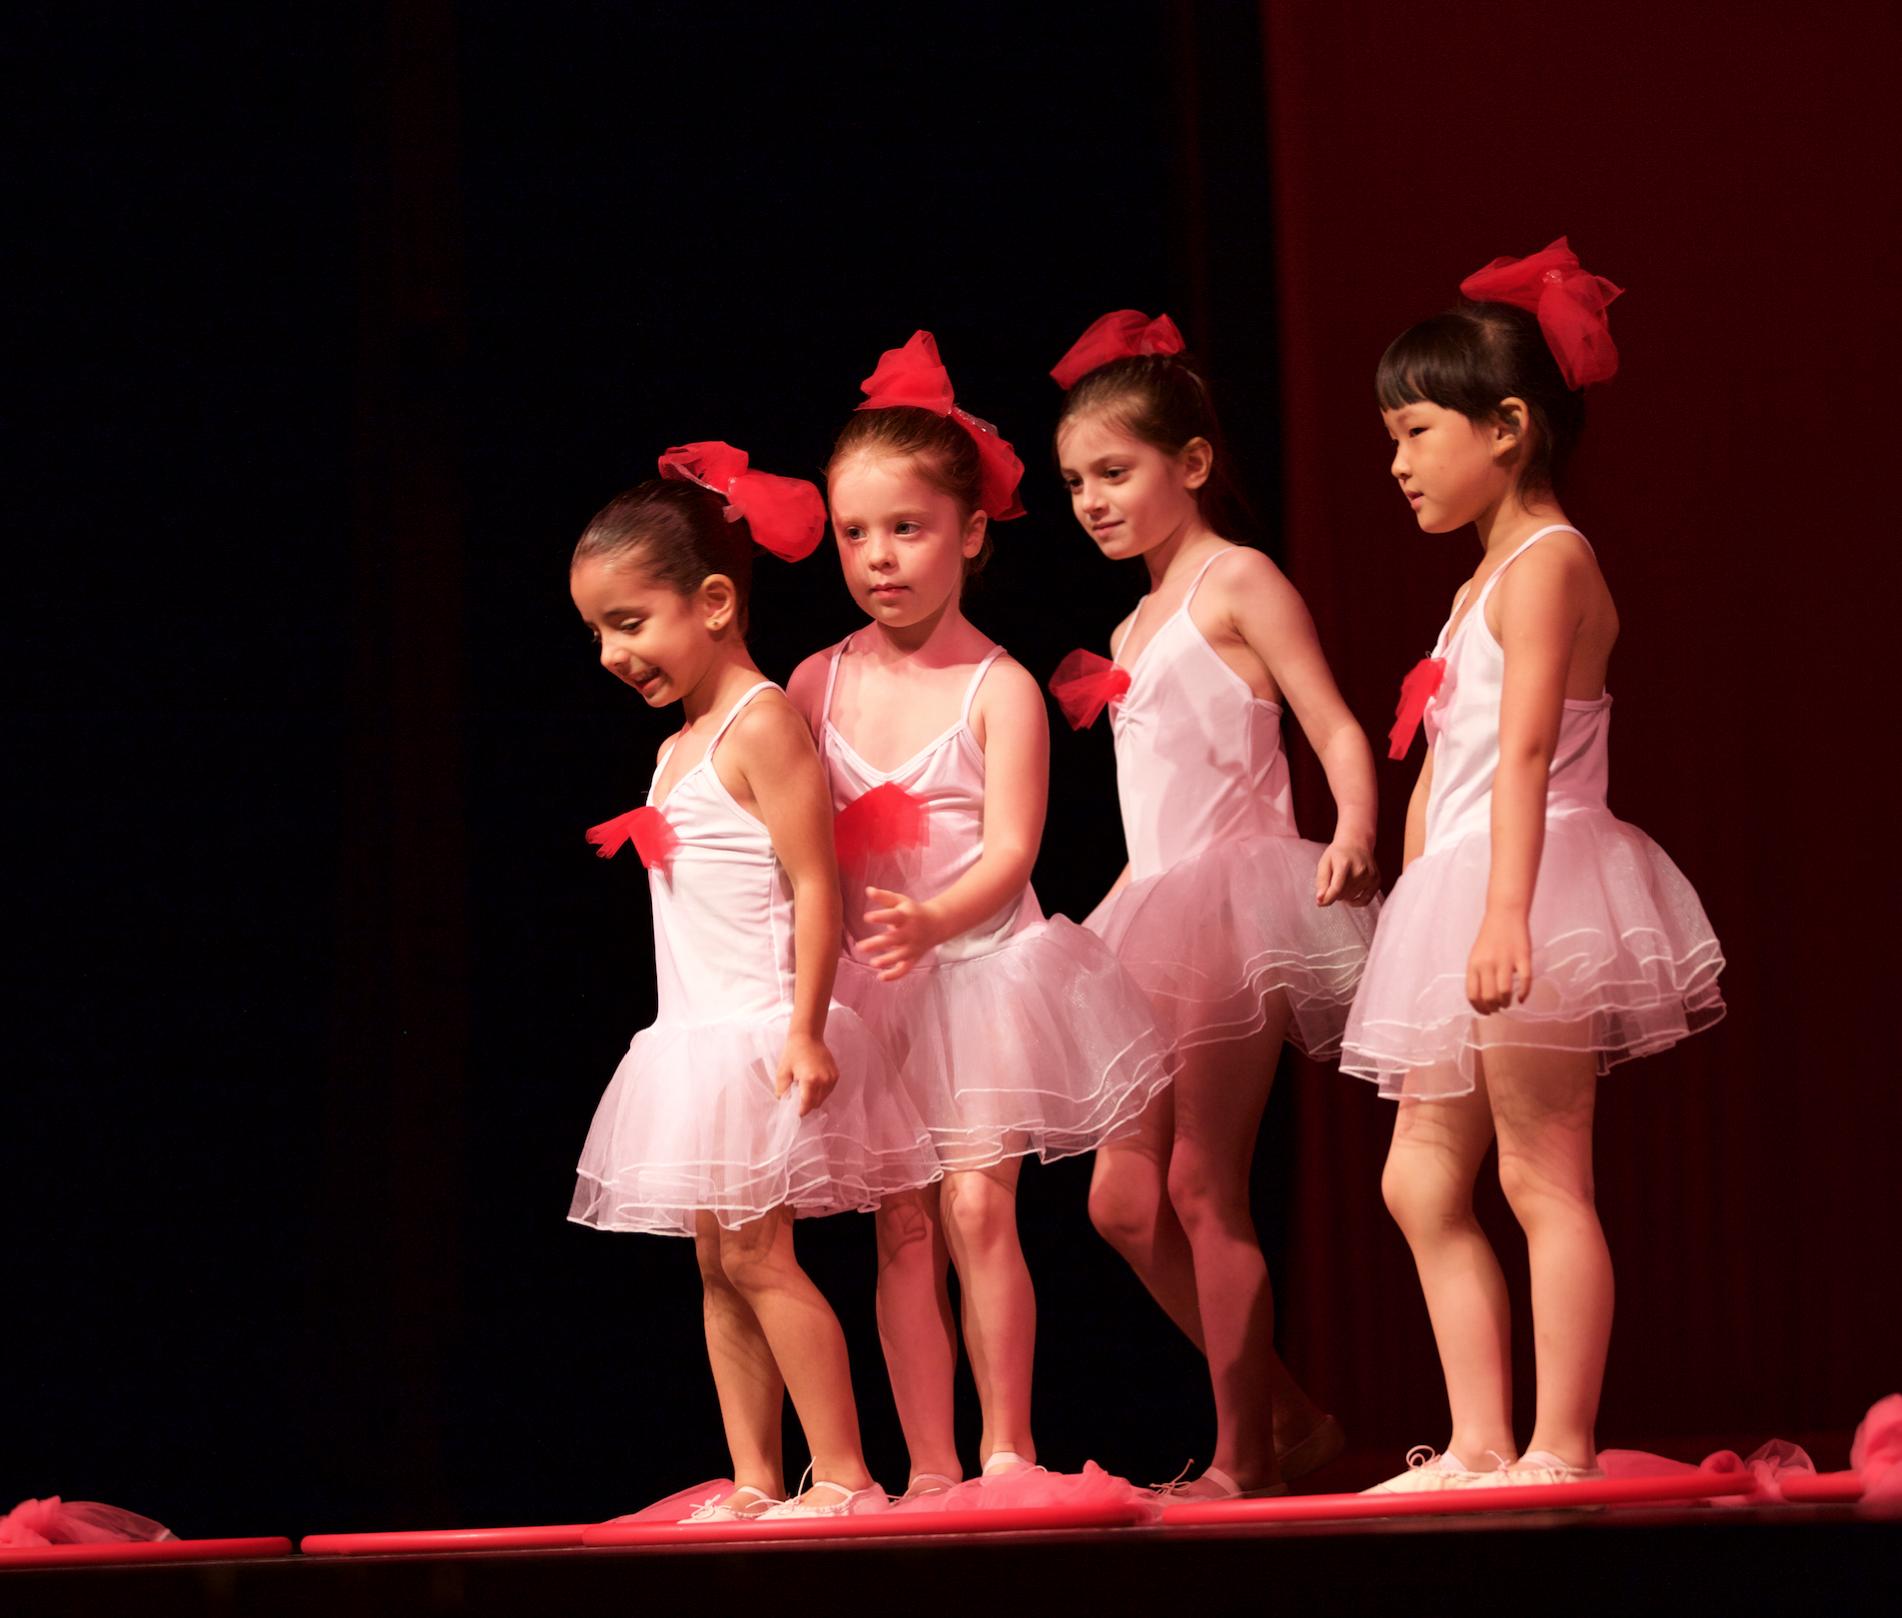 Polichinelle, Beginner's Ballet